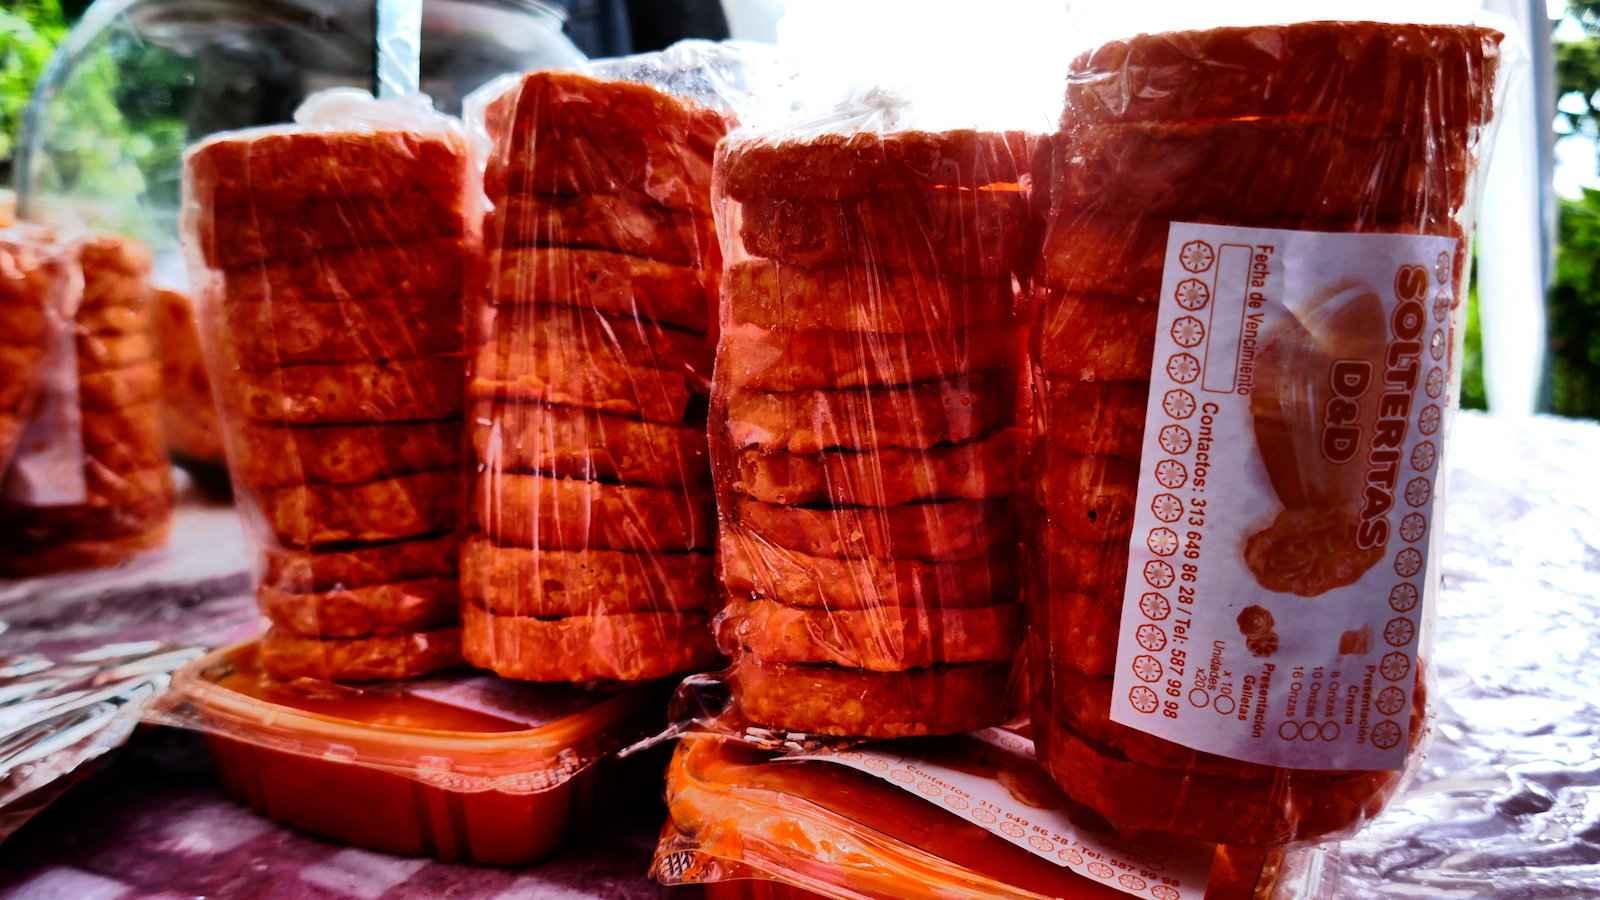 Solteritas são deliciosos petiscos doces crocantes da Colômbia que poderíamos engolir o dia todo